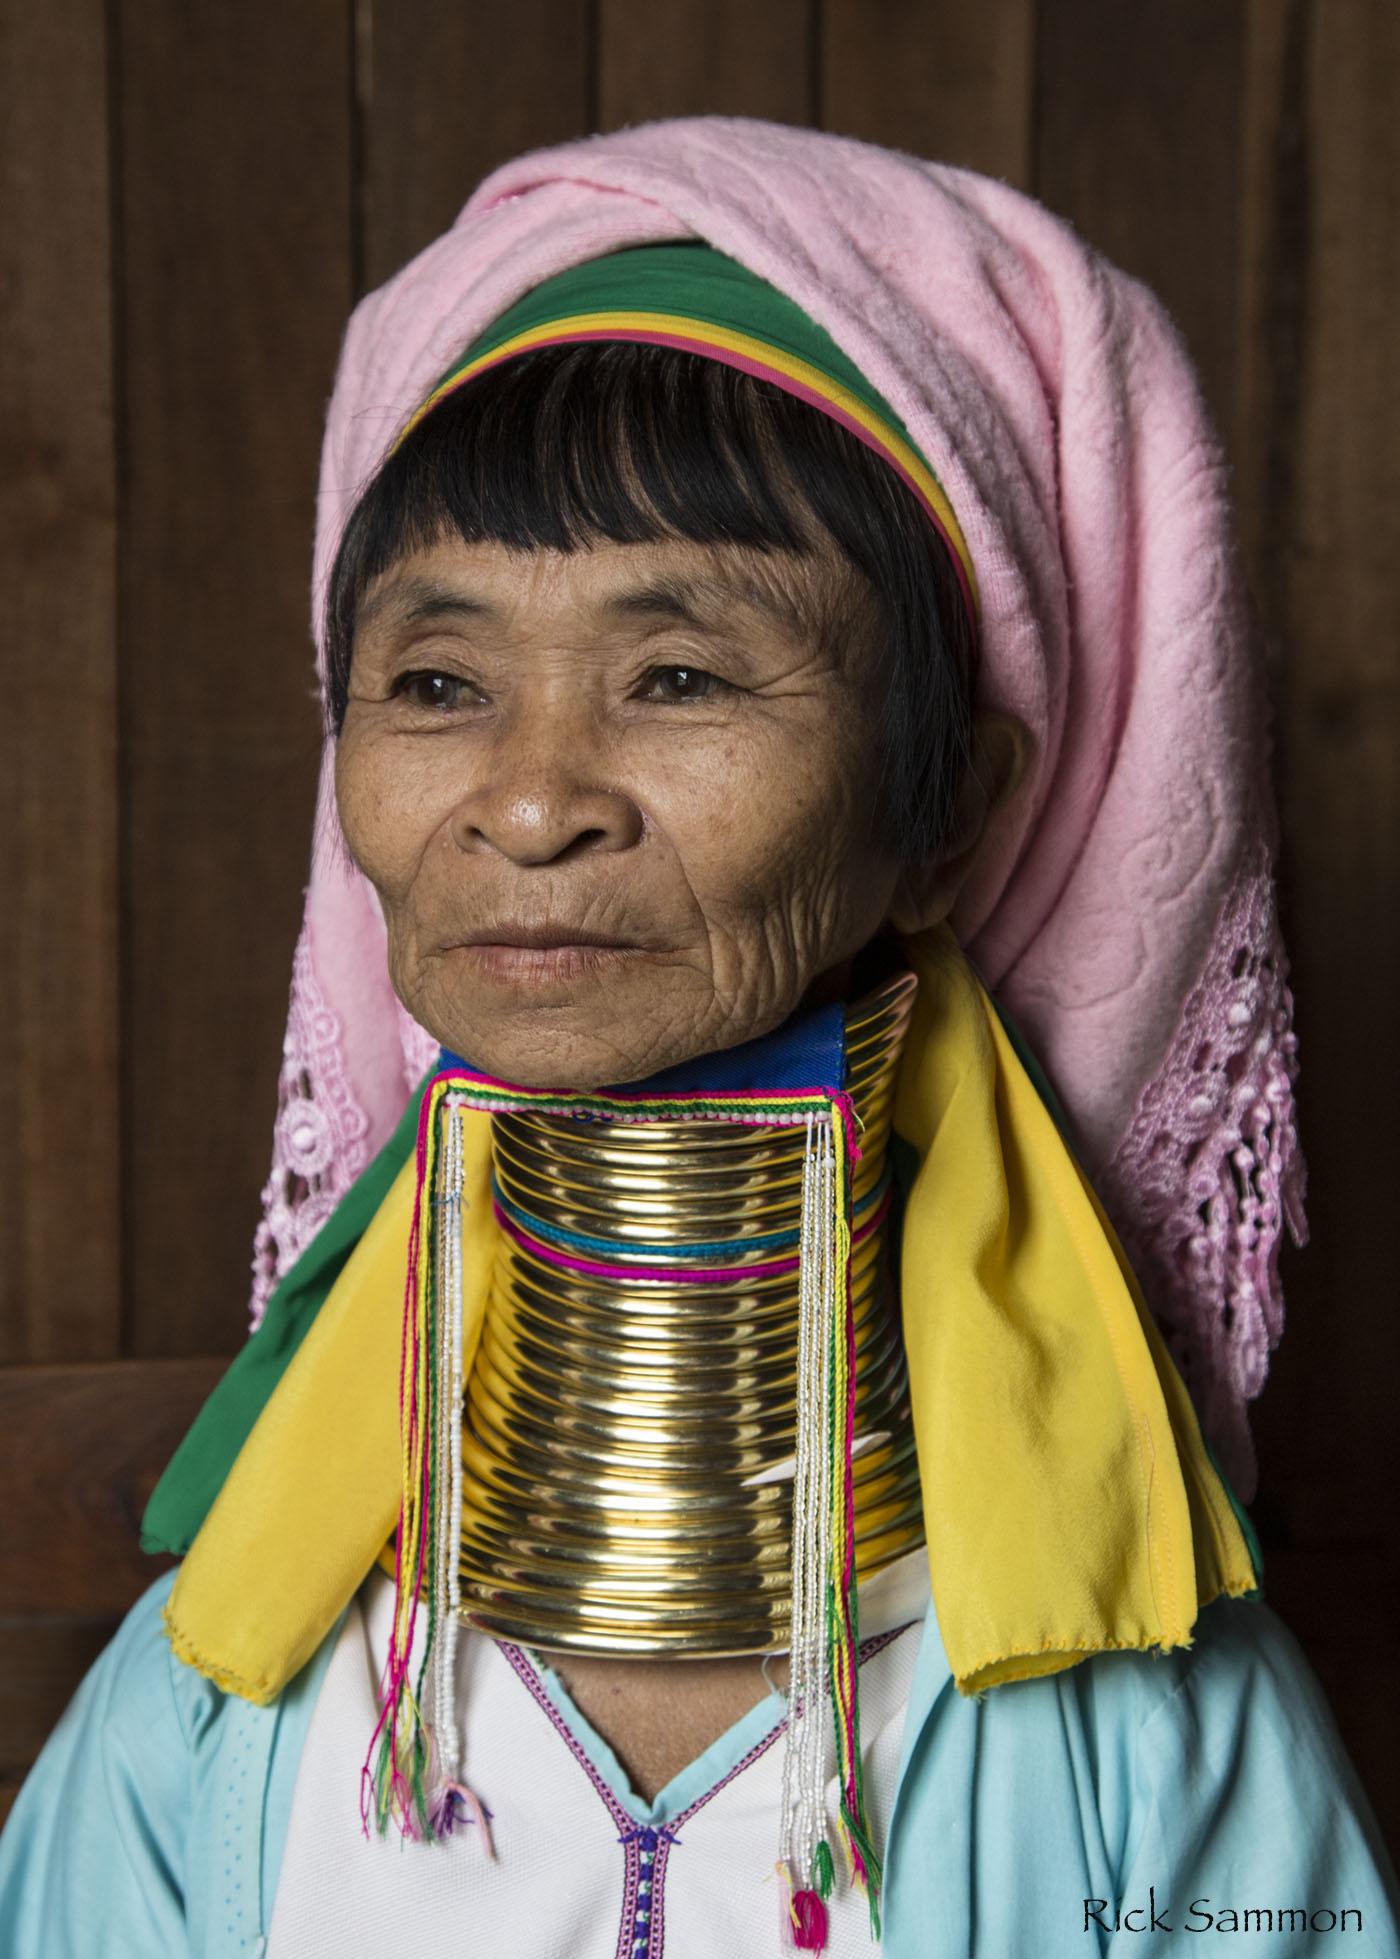 Rick Sammon Myanmar 4.jpg